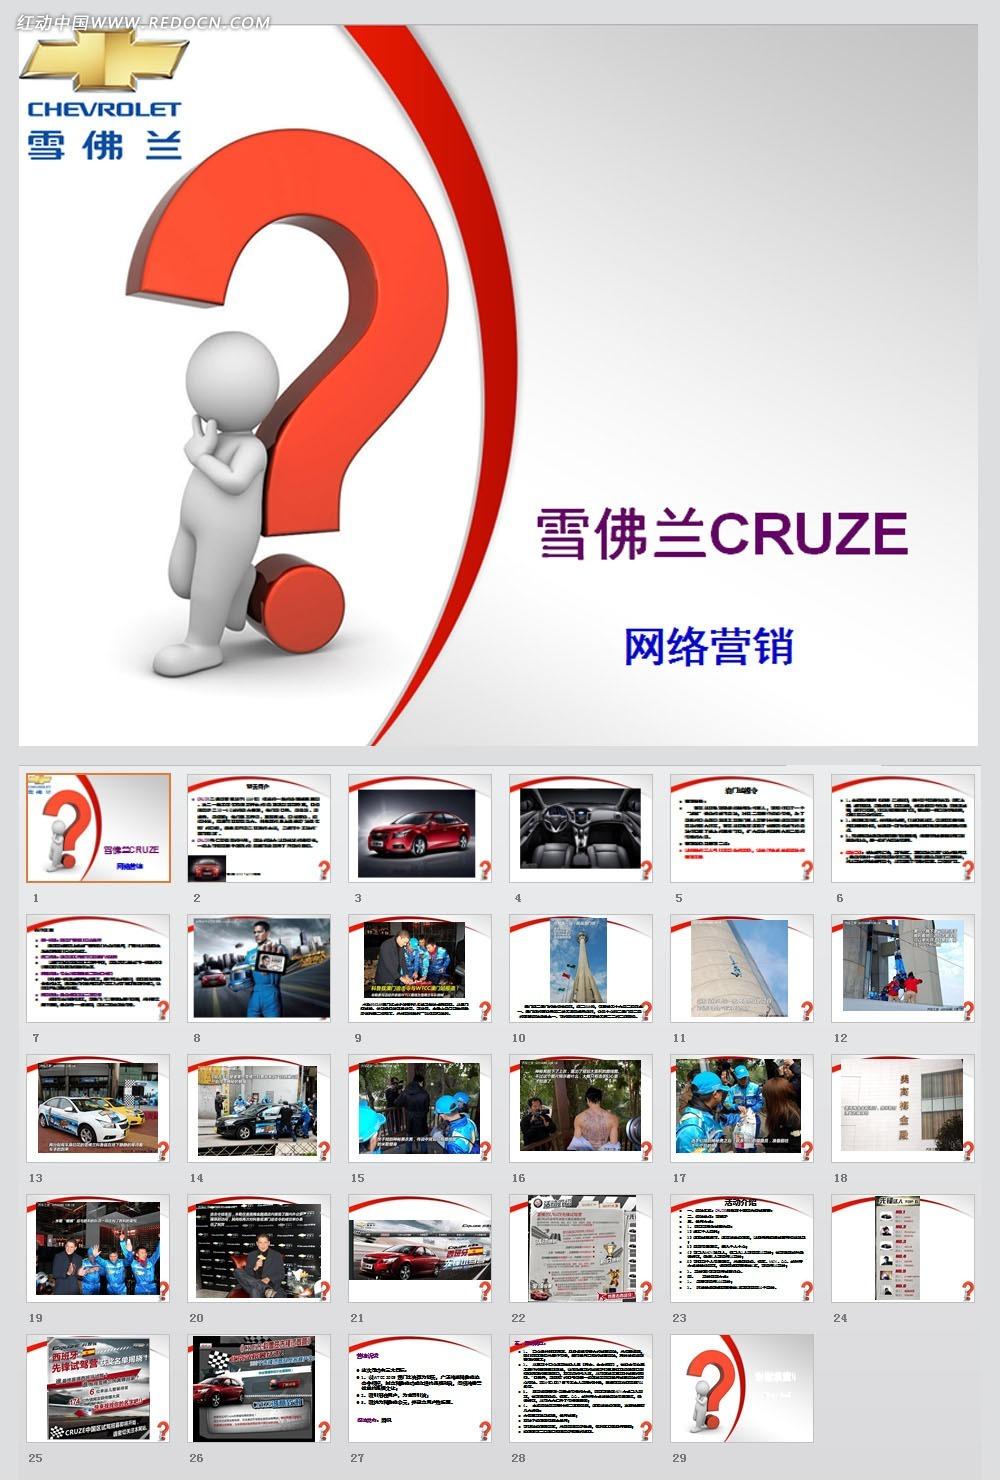 雪佛兰CRUZE网络营销案例分析ppt模板_策划